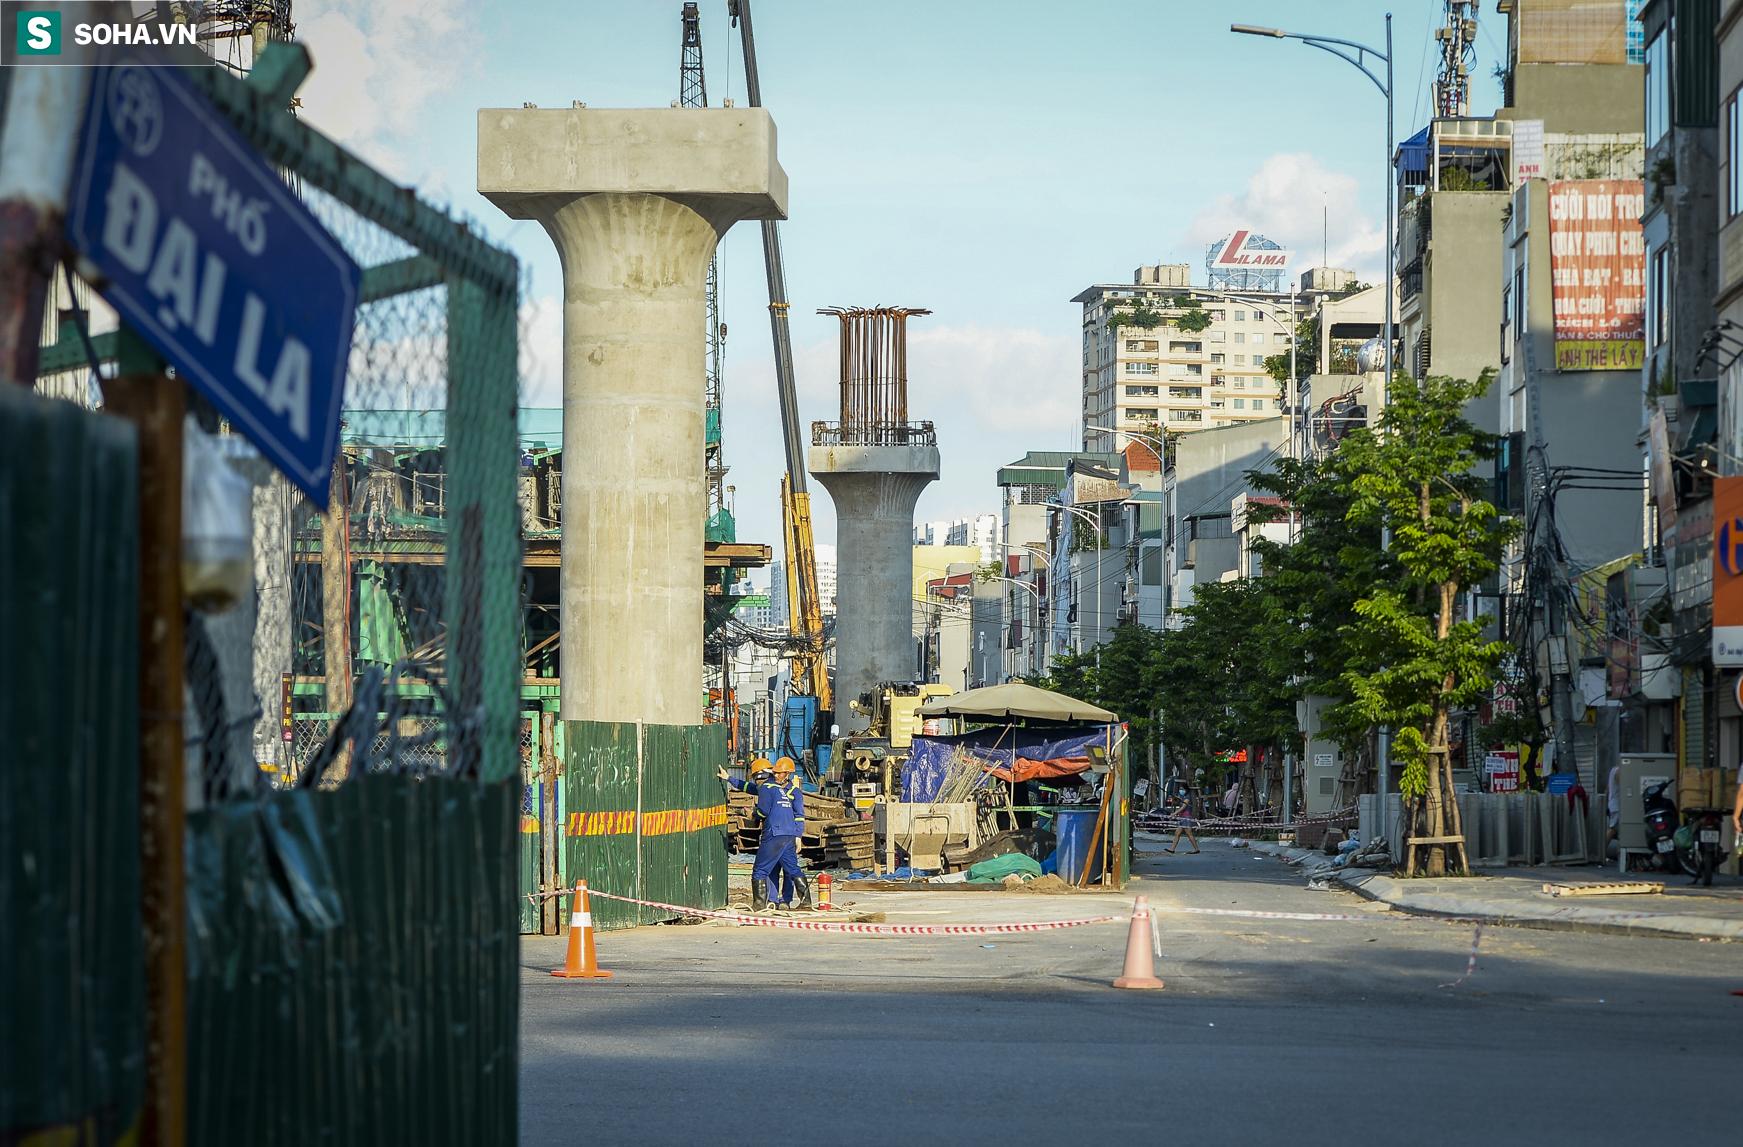 Hà Nội: Con đường đau khổ sắp chấm dứt, lộ diện hình hài của tuyến đường trị giá gần 10.000 tỷ - Ảnh 2.